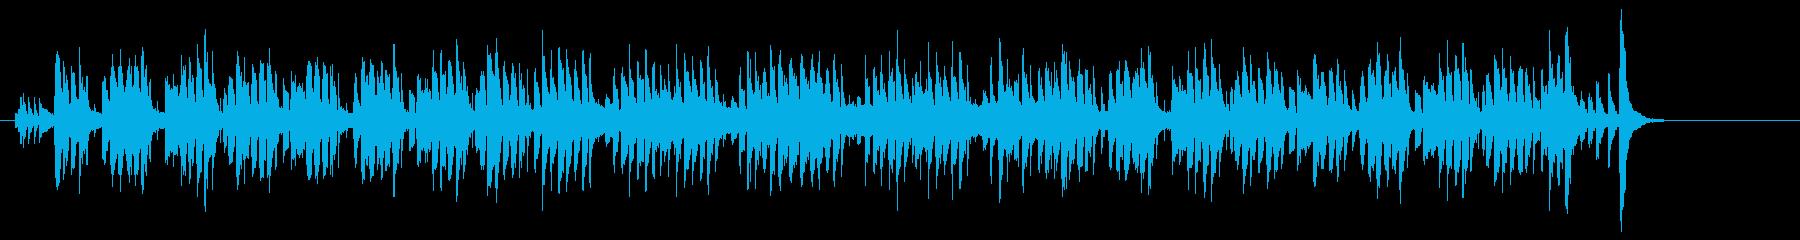 コンパクトにまとまったポップス調の再生済みの波形